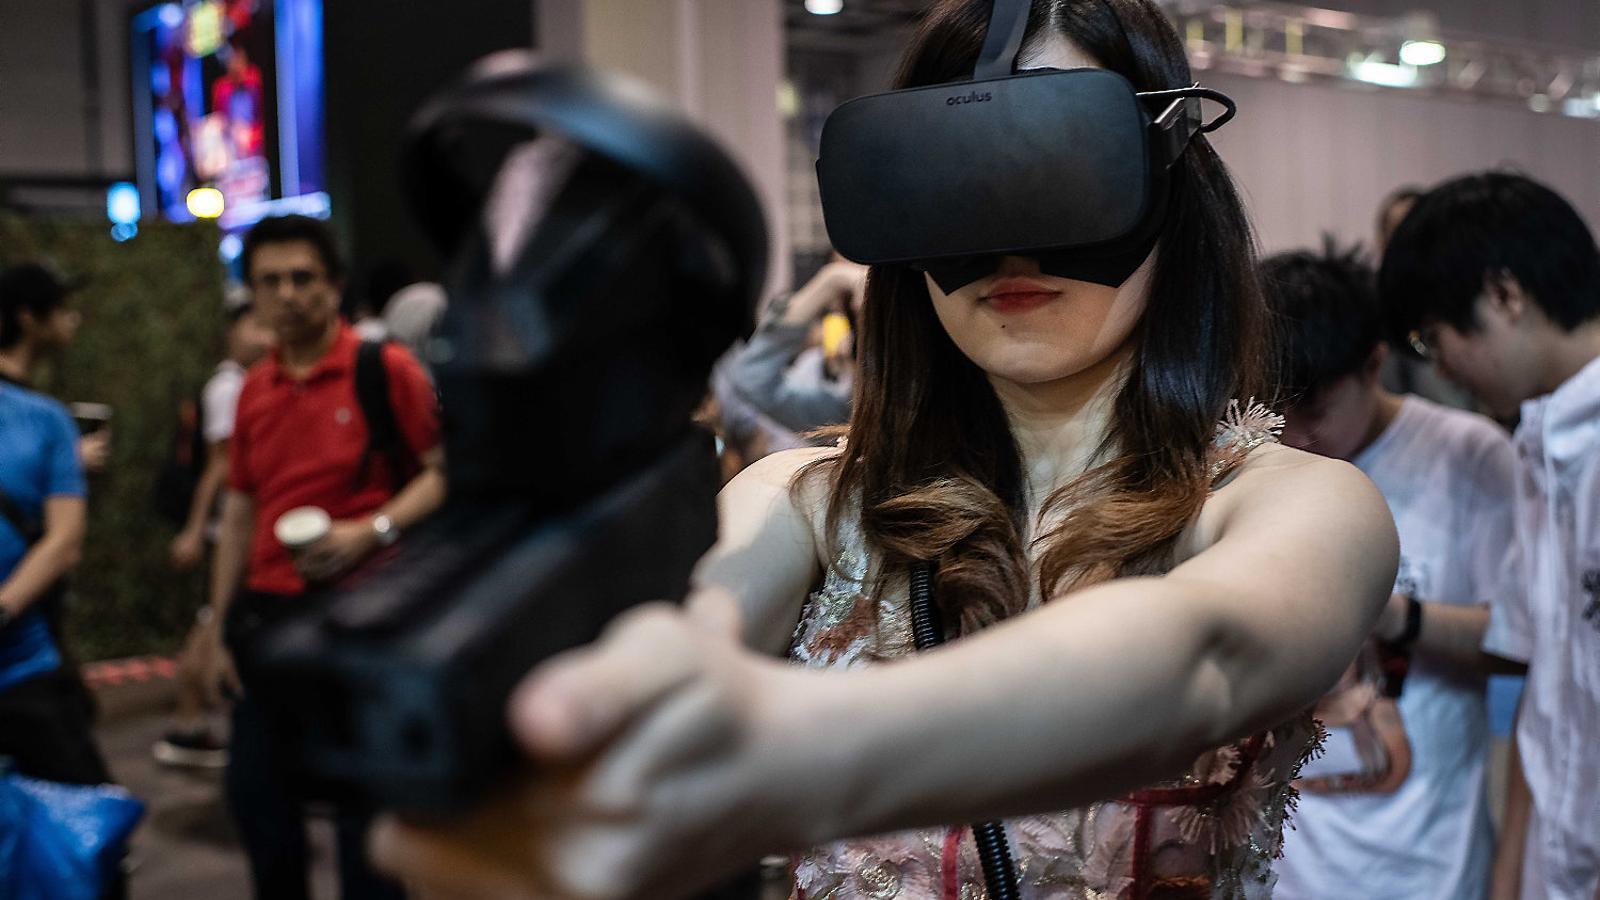 Una noia jugant a un videojoc de realitat virtual durant un festival a Hong Kong.